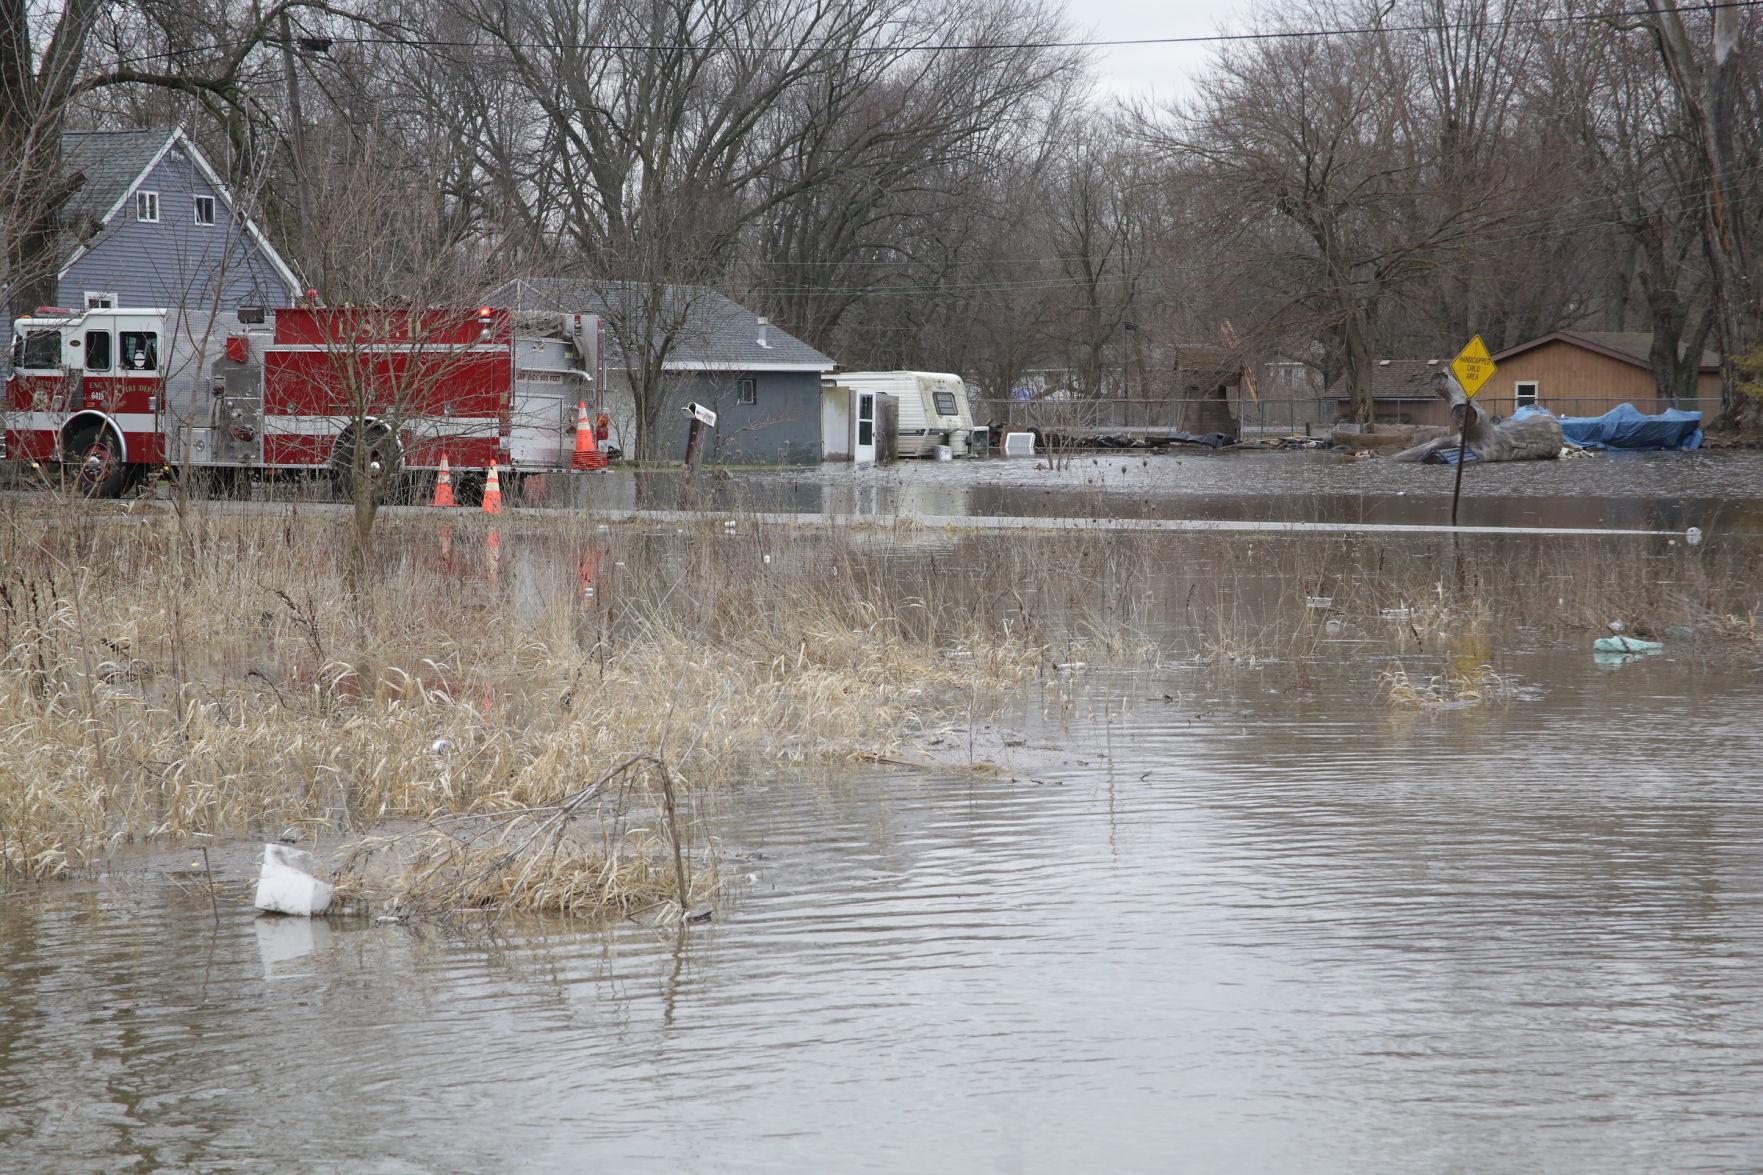 Flood Weu0027re just praying right nowu0027 Lake